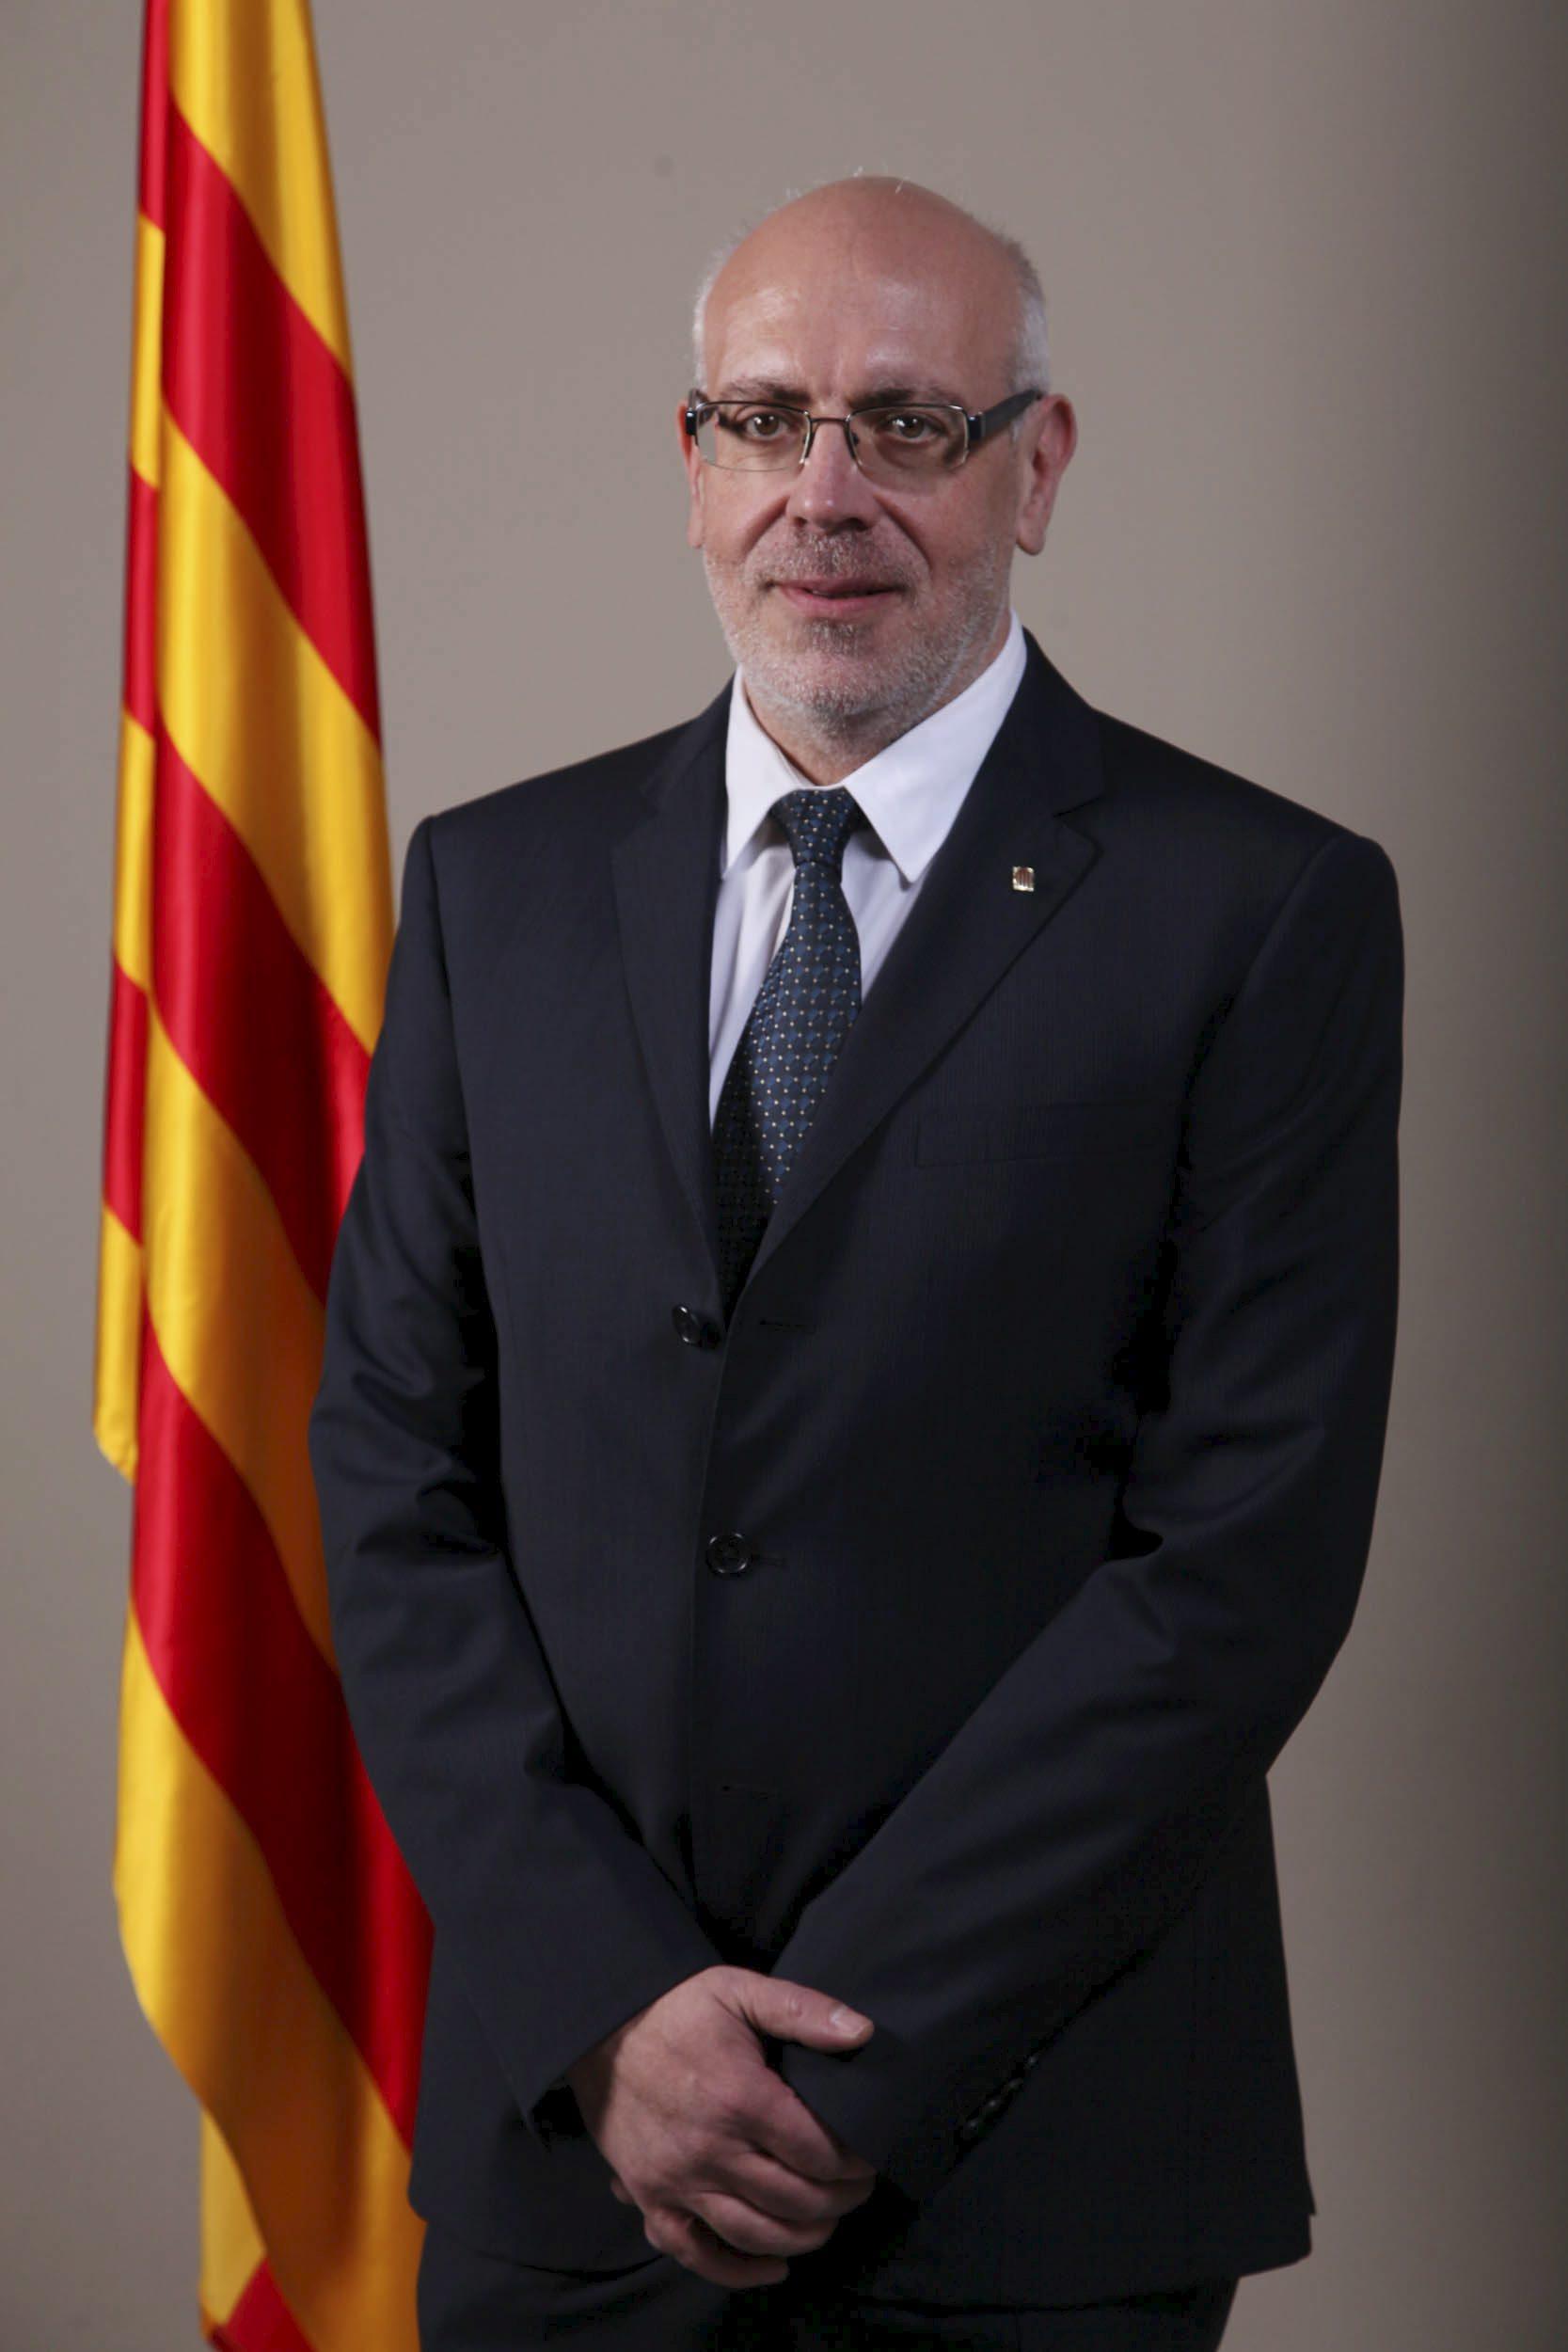 Foto: Generalitat de Catalunya